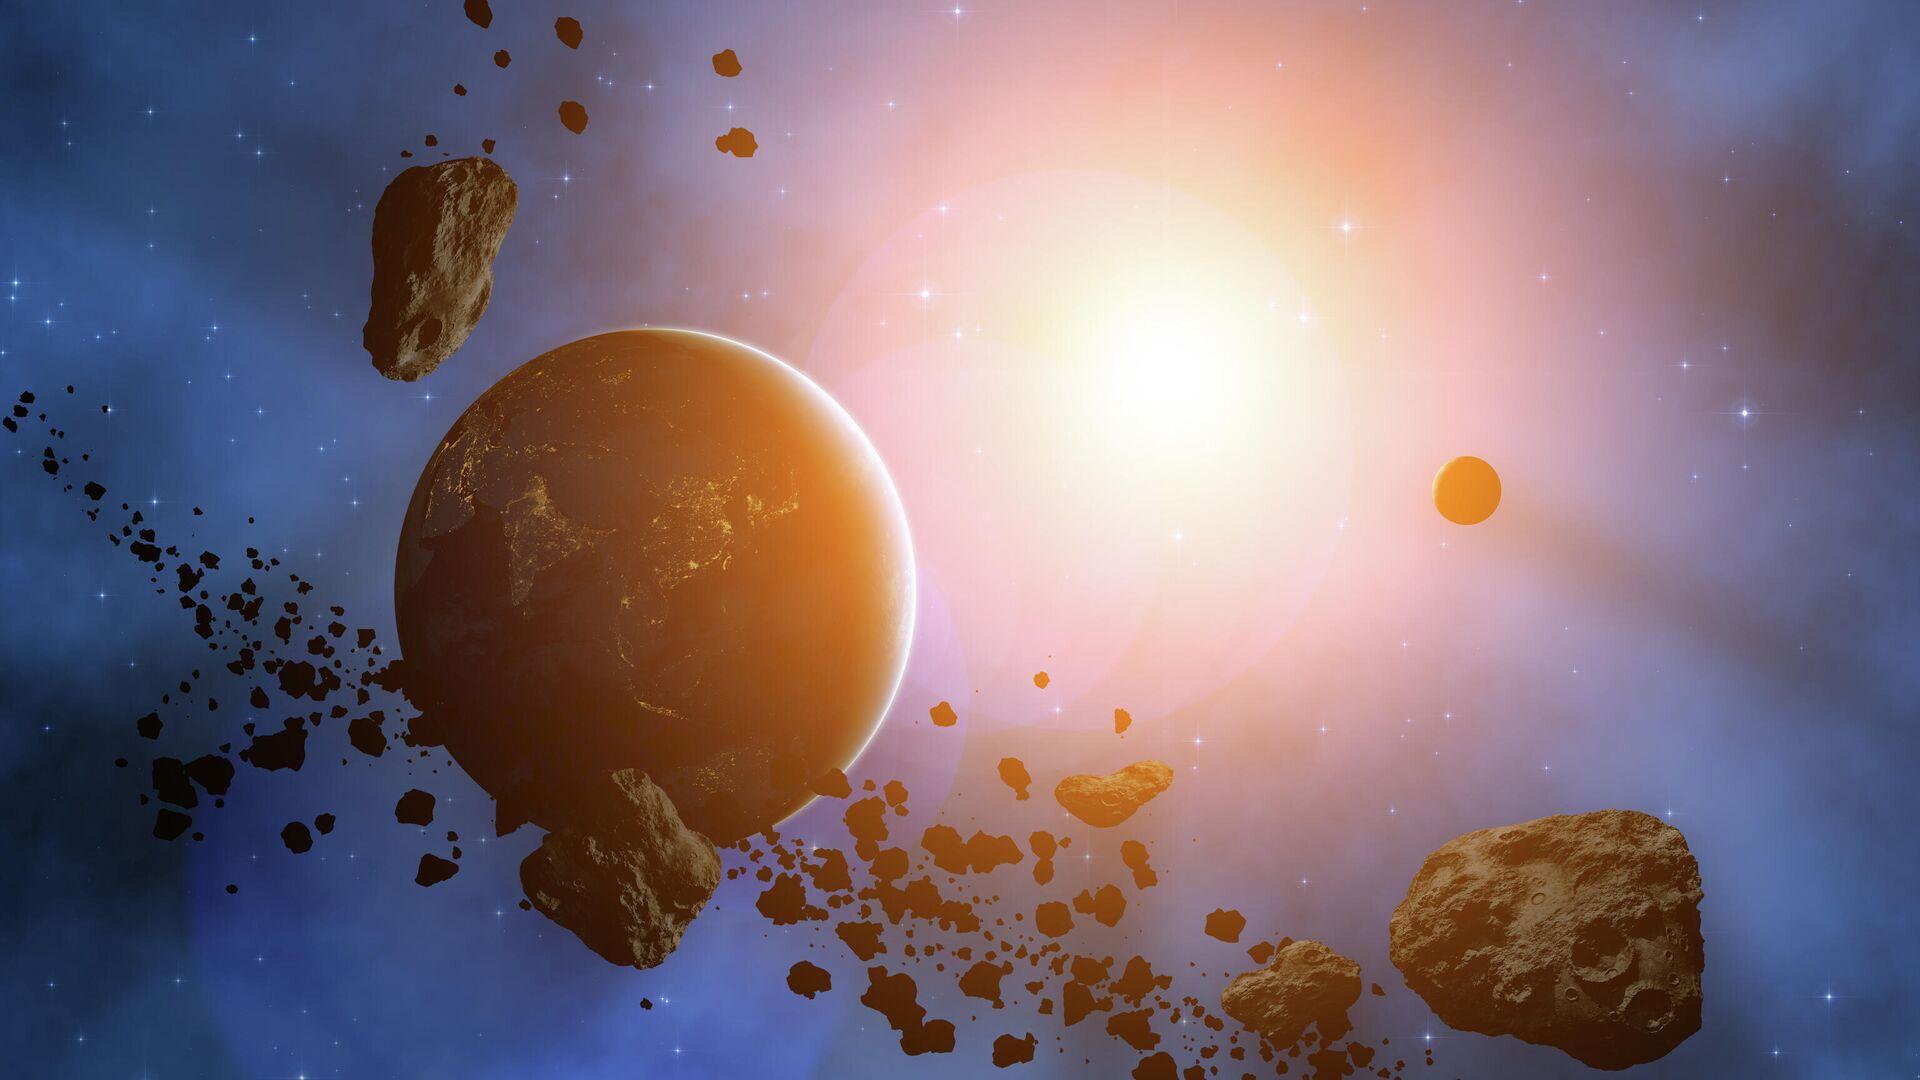 Планета окруженная астероидами - РИА Новости, 1920, 23.11.2020